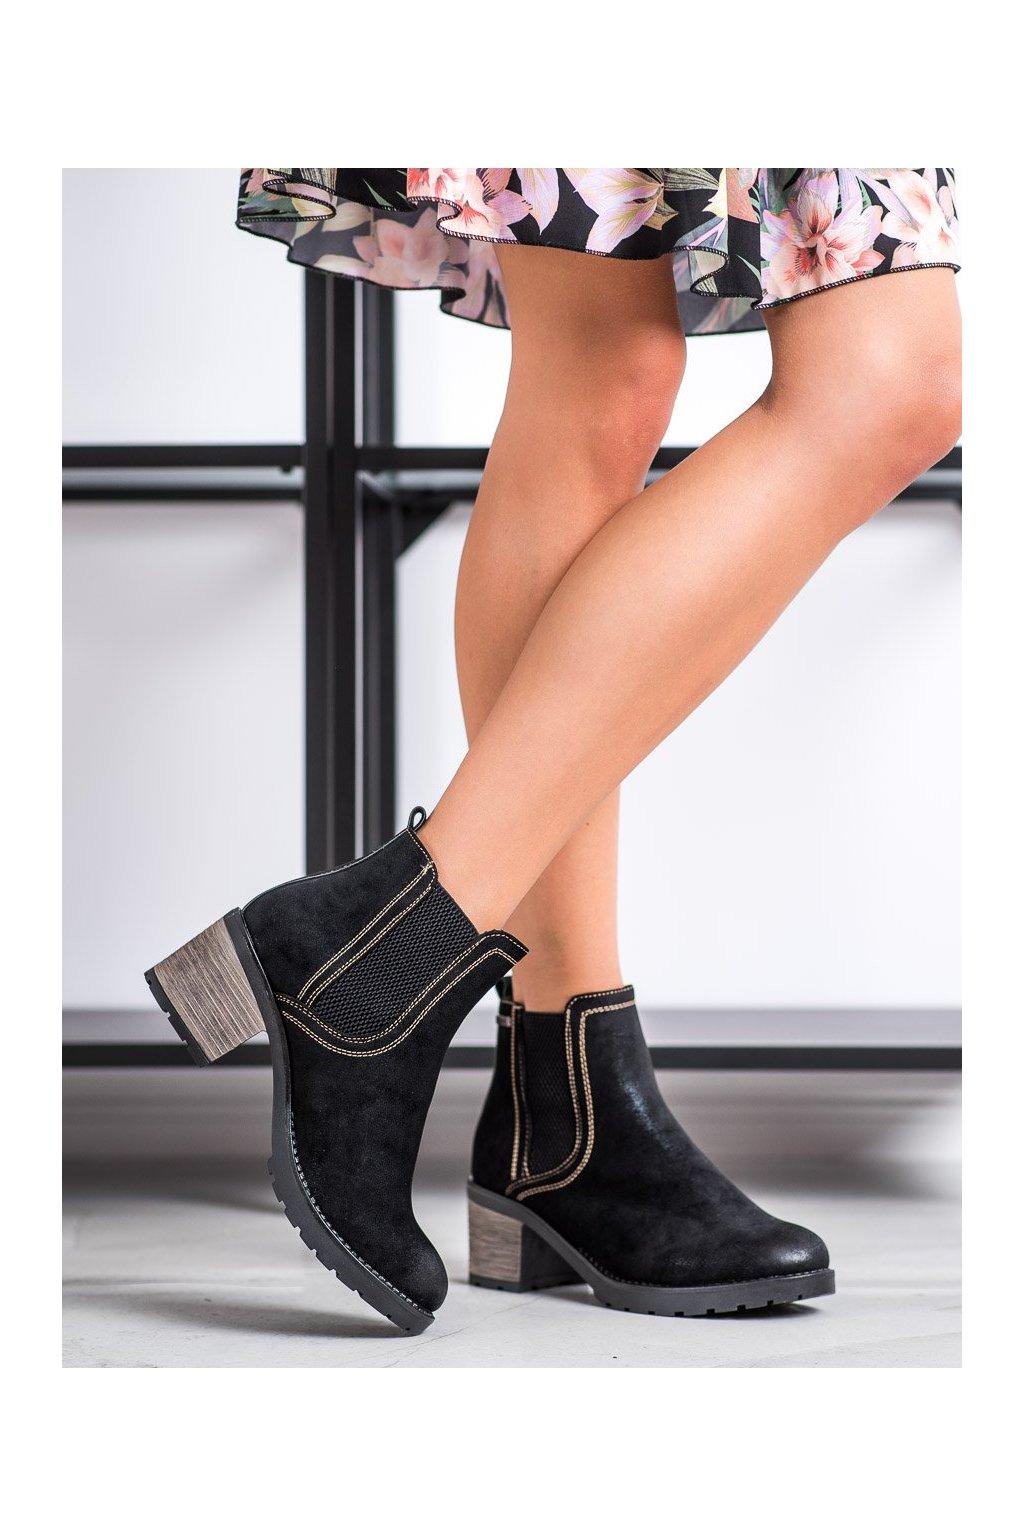 Čierne dámske topánky Shelovet kod 20BT35-3029B